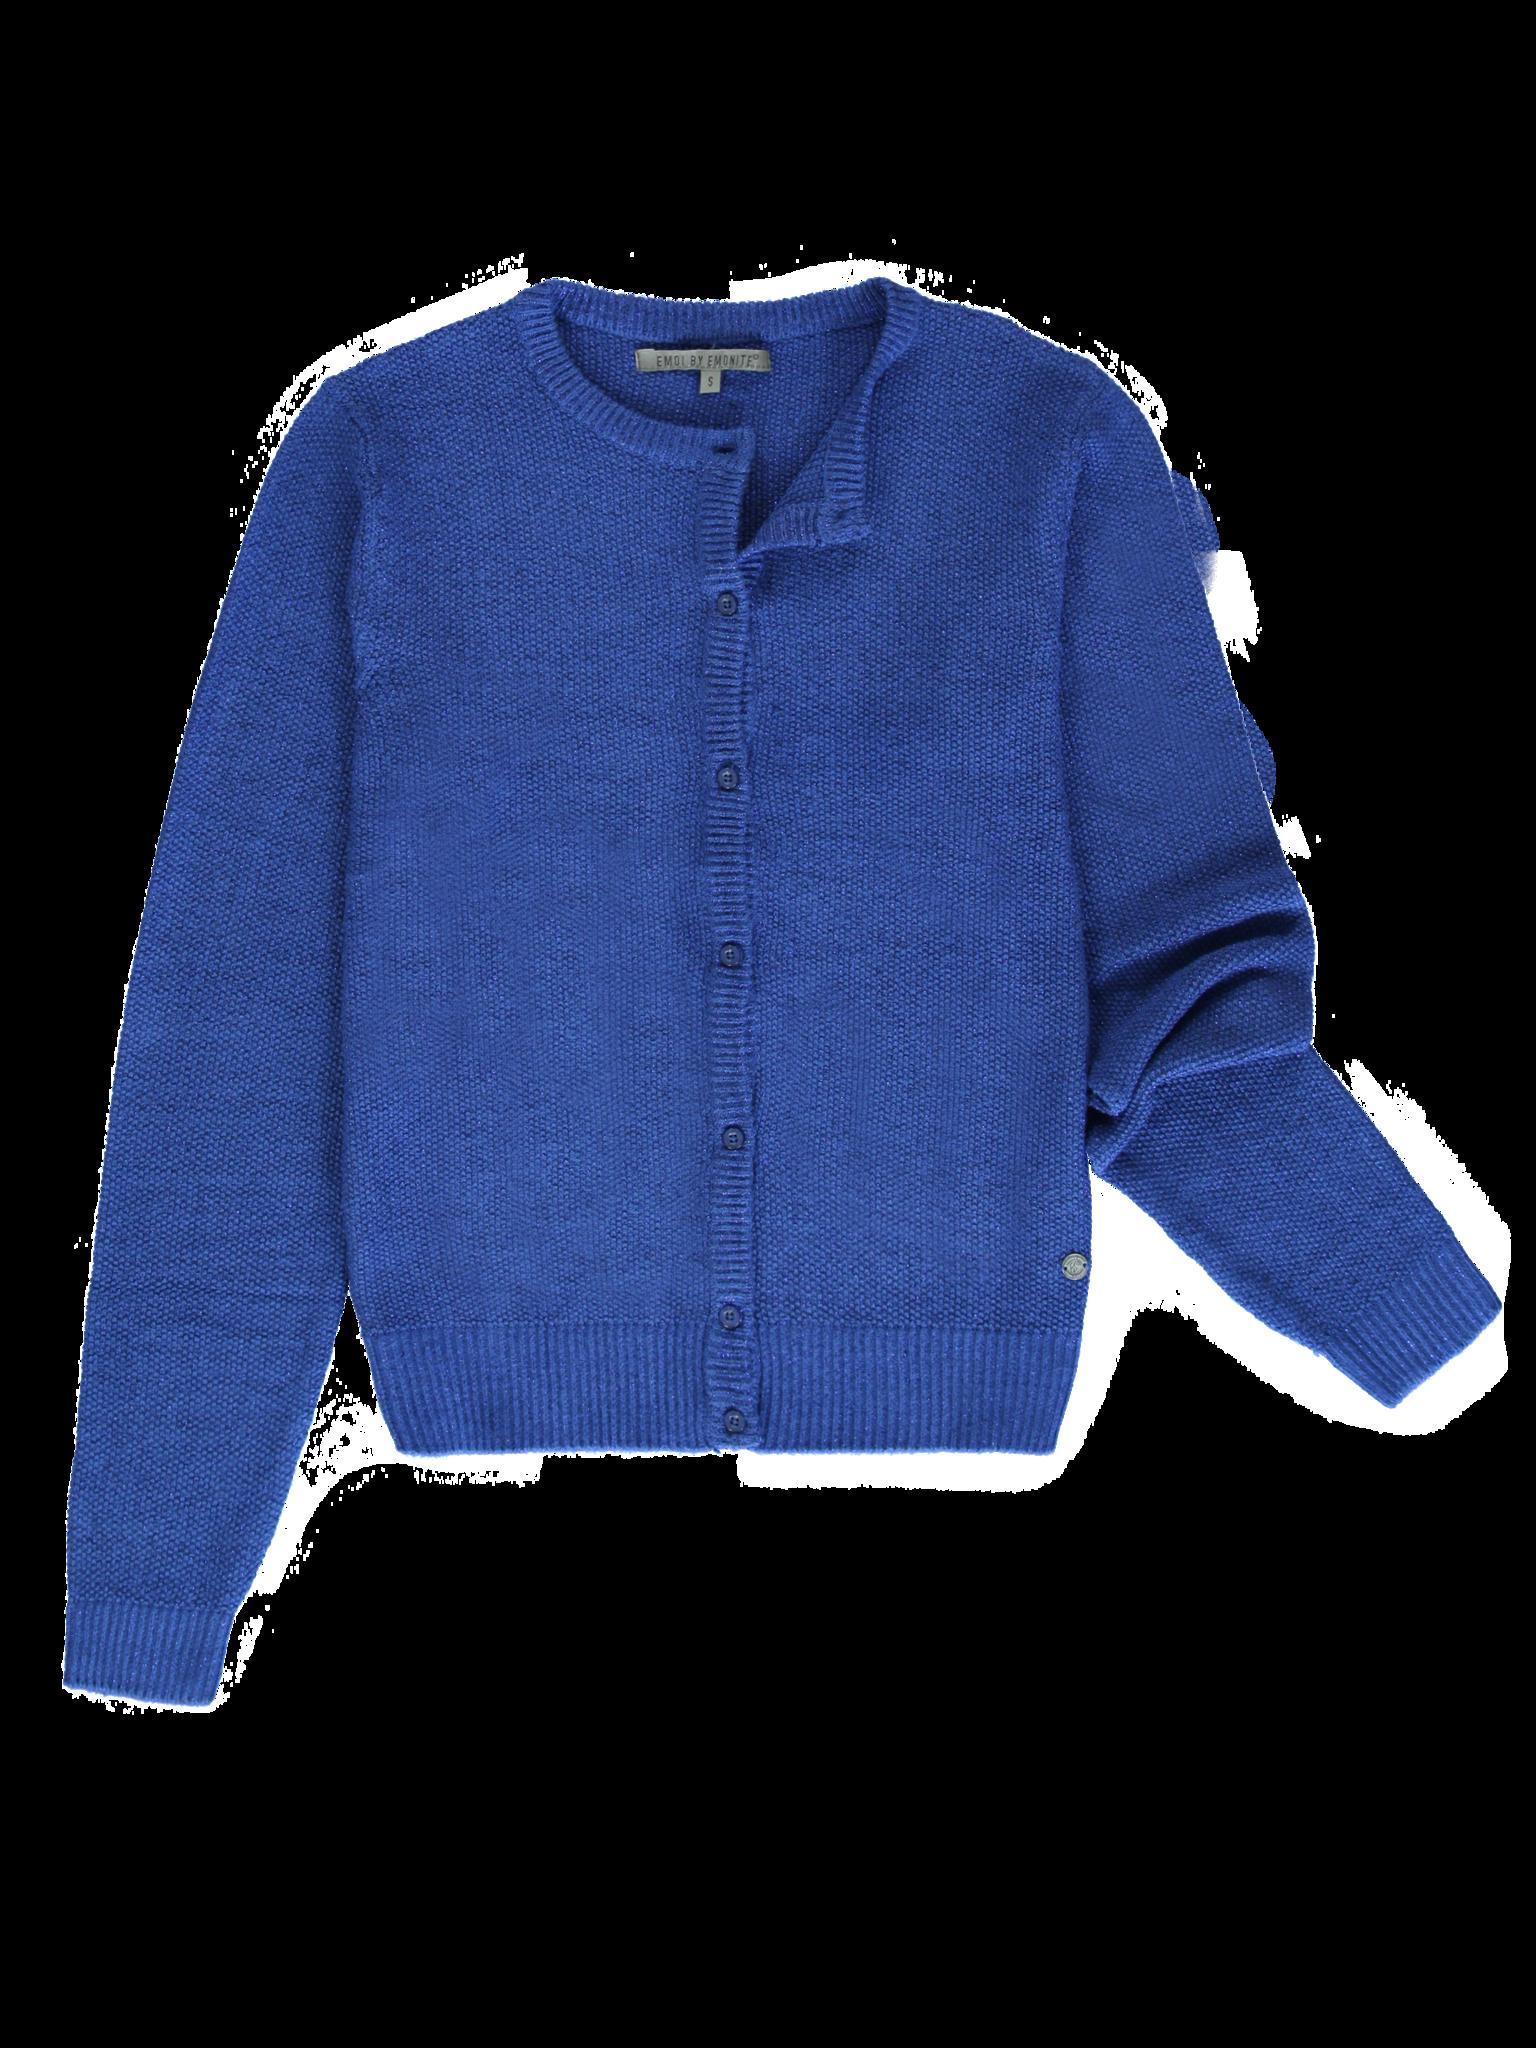 All Brands | Winterproducts Ladies | Cardigan Knitwear | 24 pcs/box